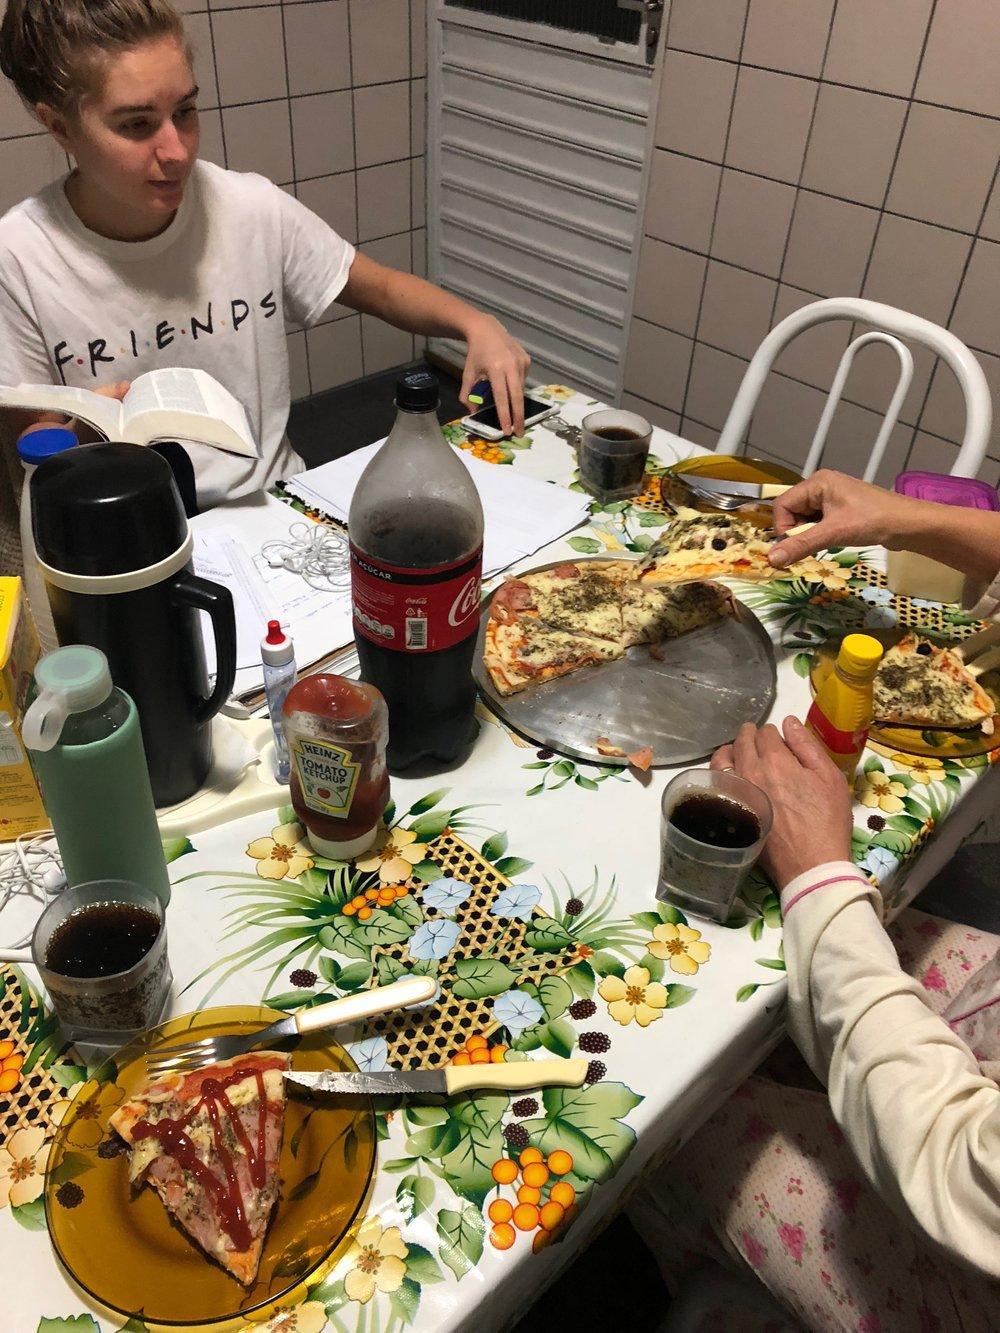 Vårt kjære, kjære kjøkkenbord